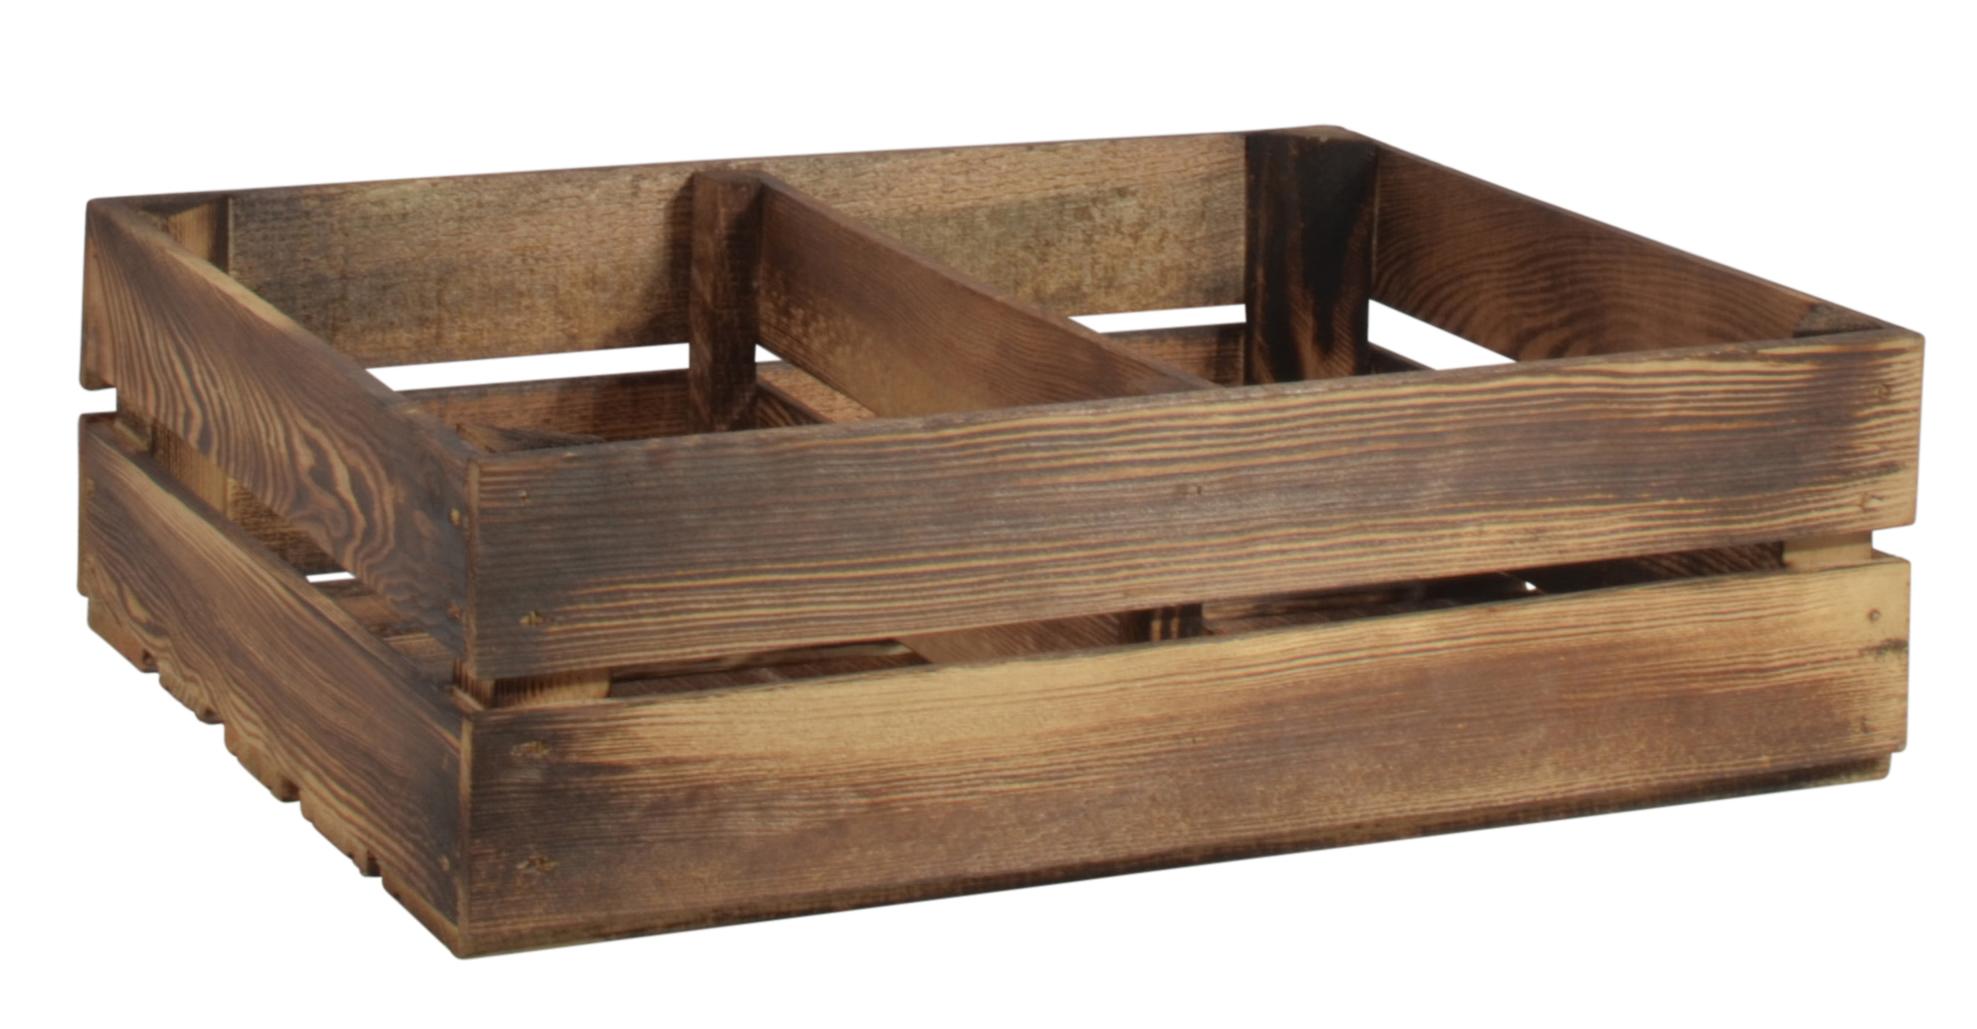 Holzkiste Schmalhanz Geflammt 50x40x15cm Kurzes Regal Gewürzregal Bücherregal